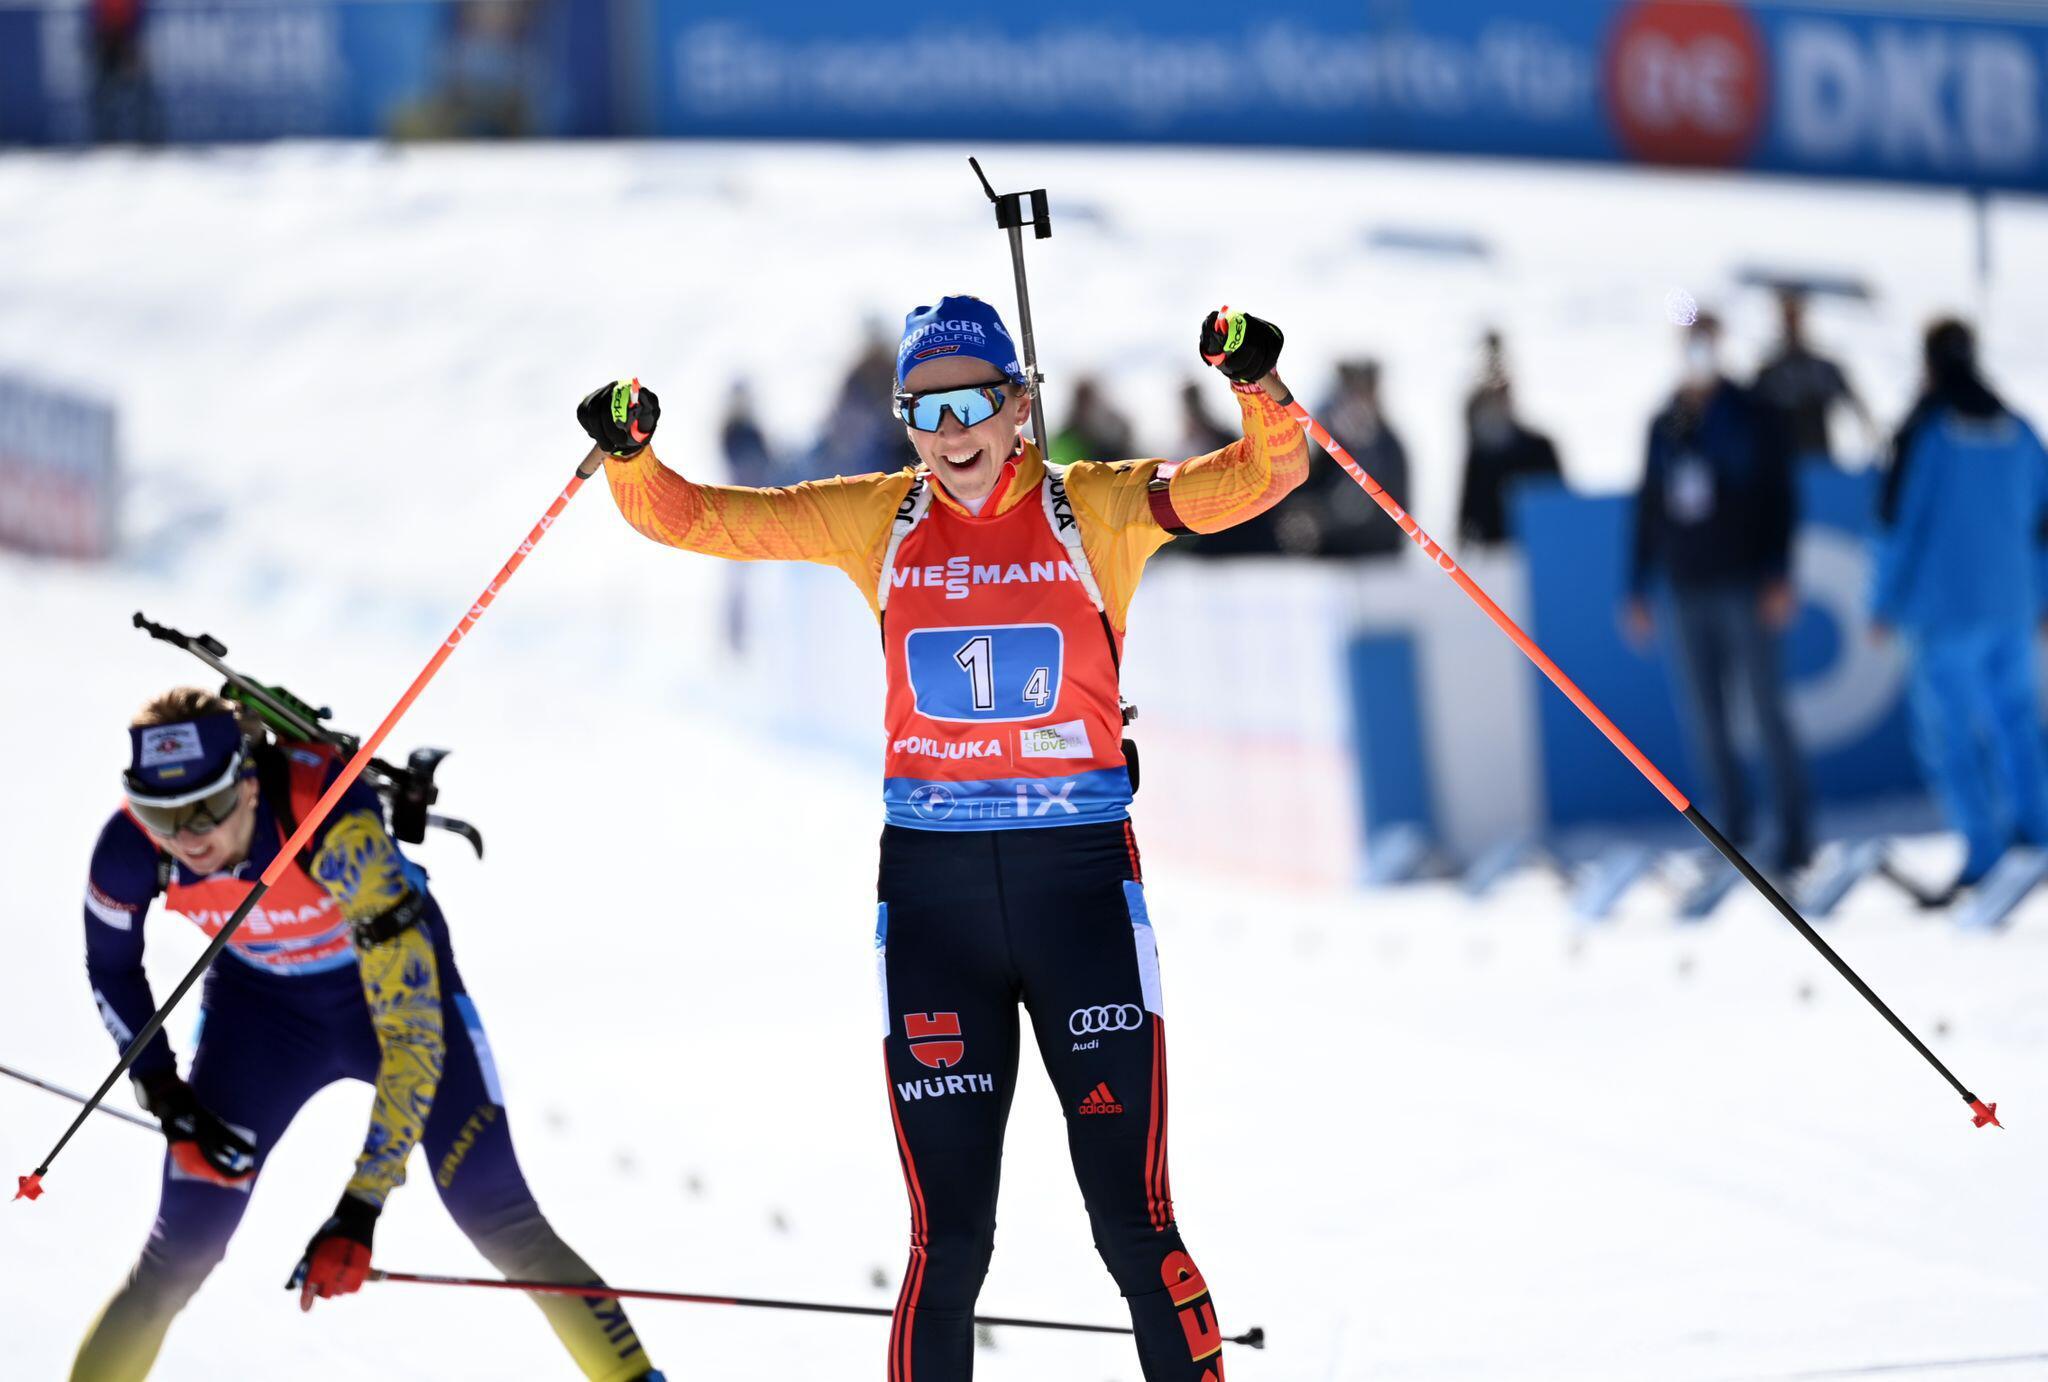 Bild zu Biathlon - Weltmeisterschaft